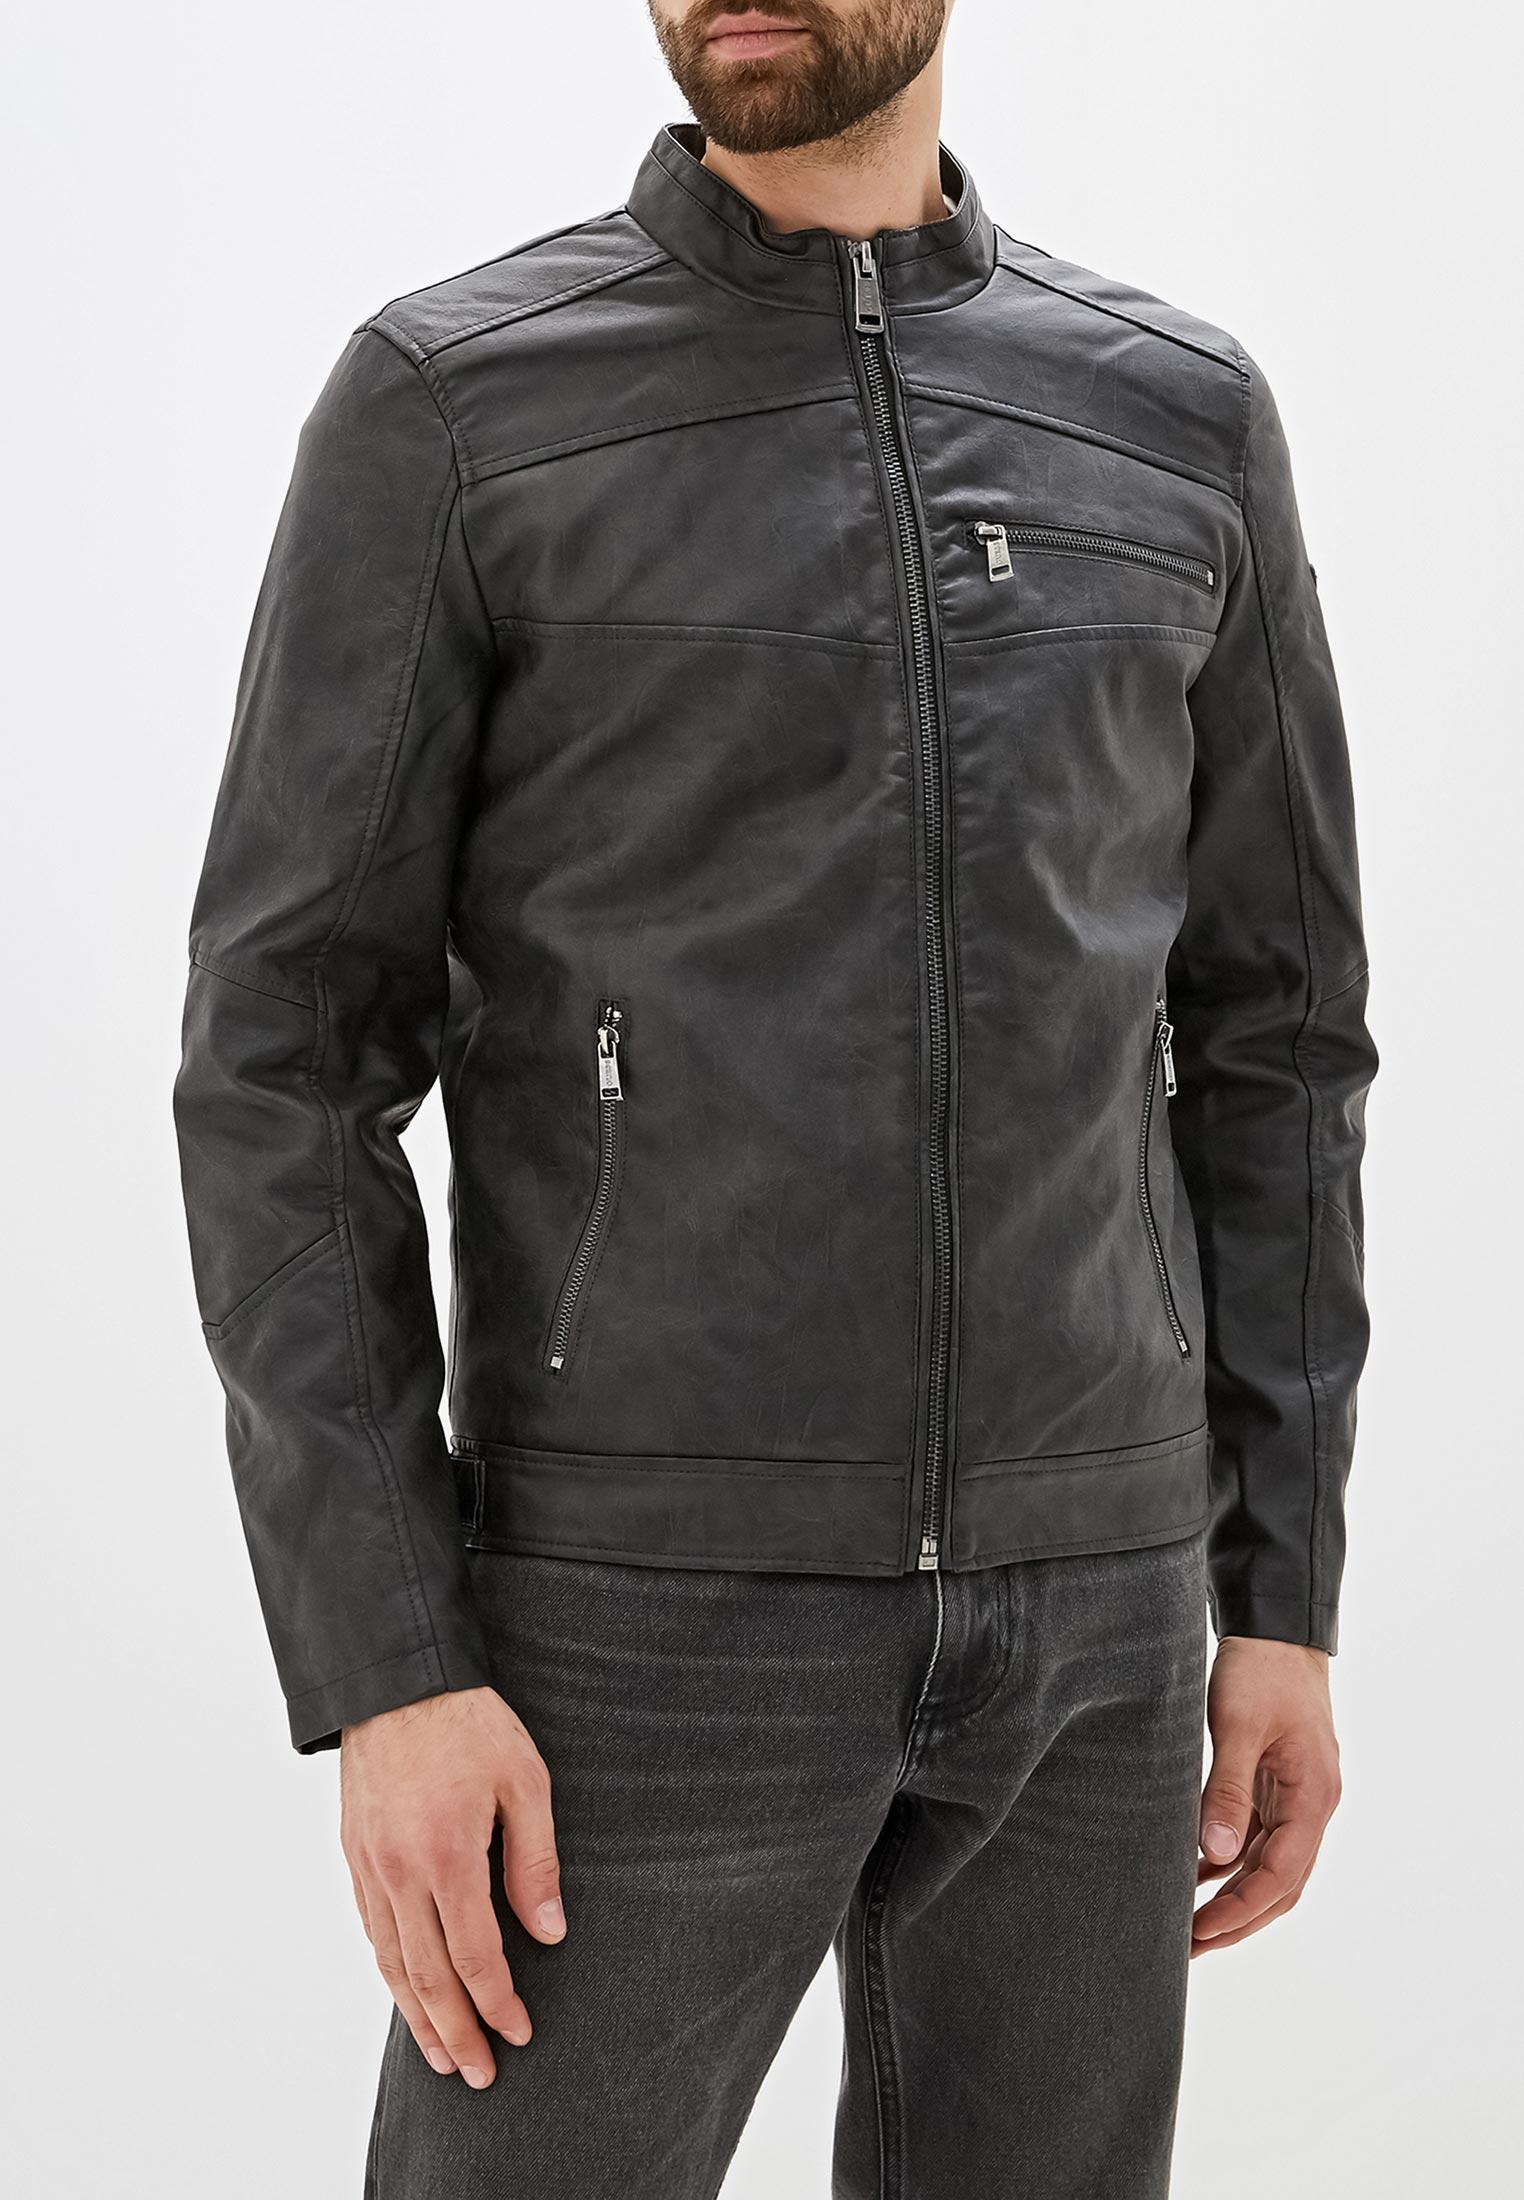 Куртка кожаная, Guess Jeans, цвет: черный. Артикул: GU644EMFNLO1. Одежда / Верхняя одежда / Кожаные куртки